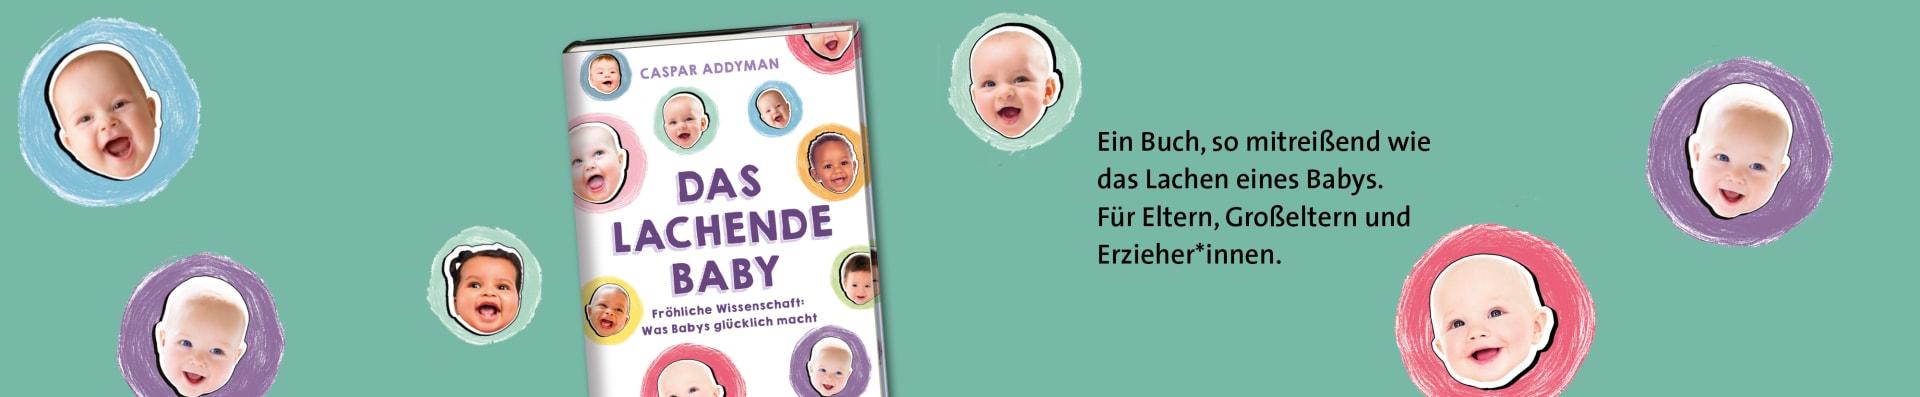 Caspar Addyman – Das lachende Baby